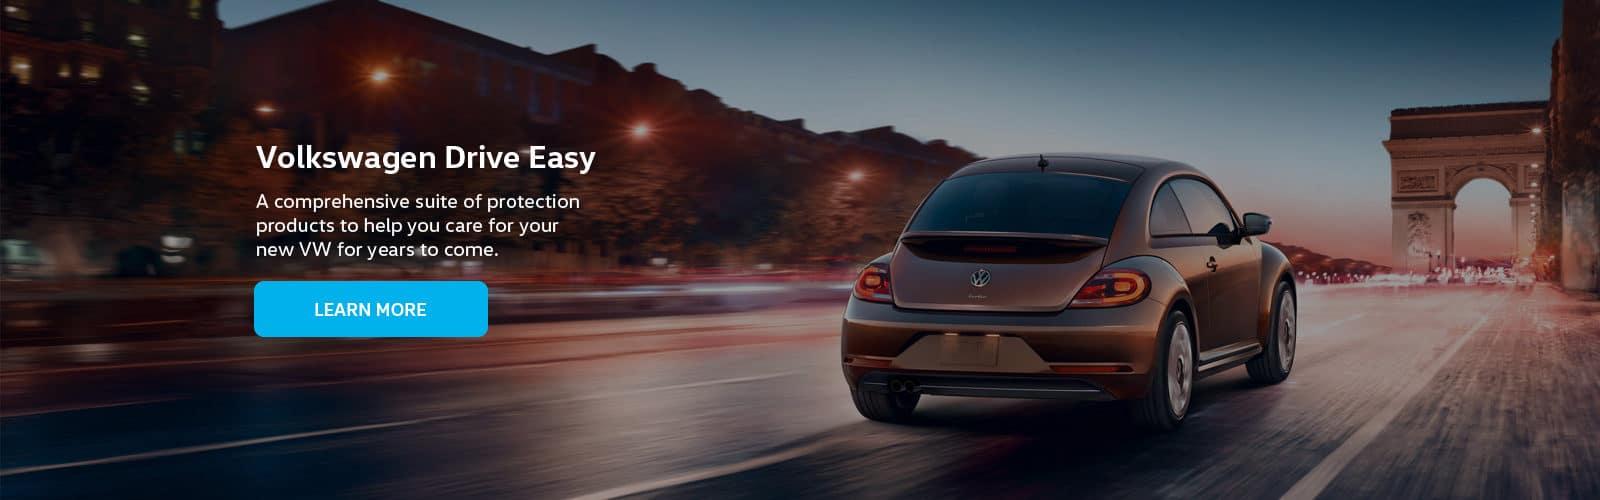 Volkswagen-Drive-Easy-Dealer-Banner---1600-X-500